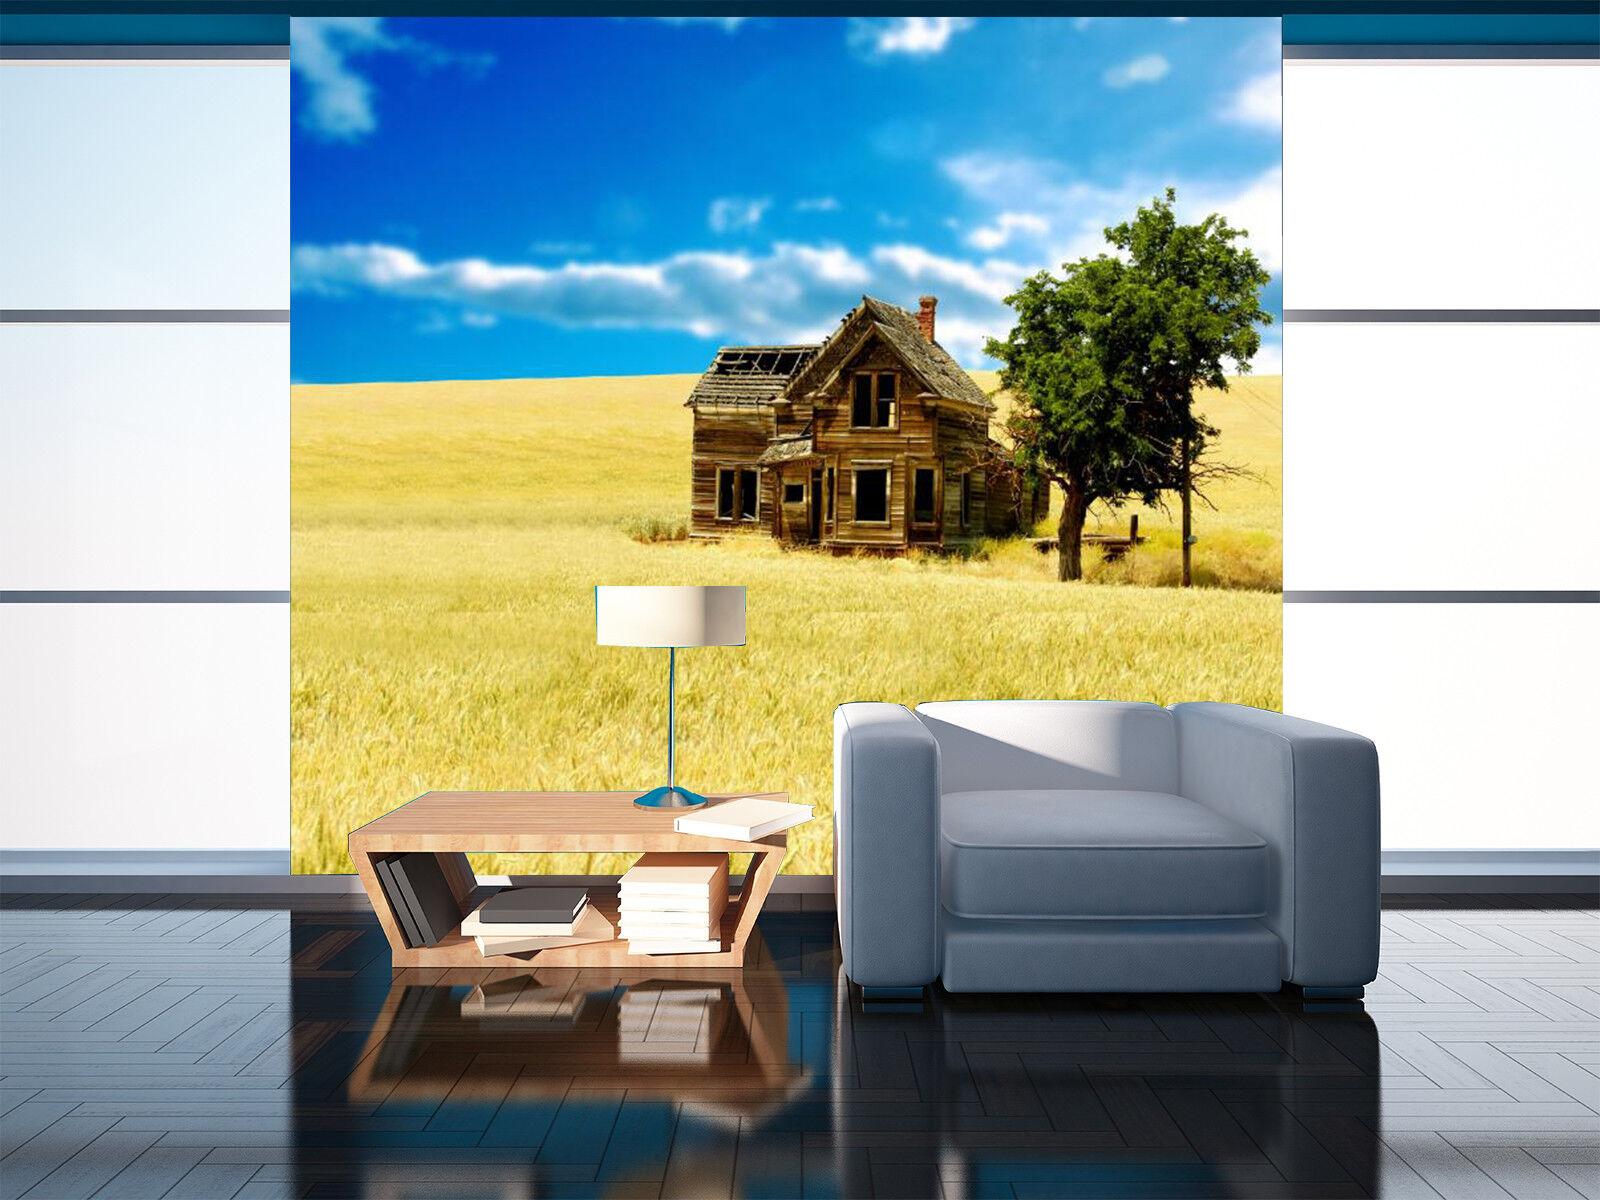 3D Wiese Hütten Himmel 9893 Tapete Wandgemälde Tapeten Bild Familie Familie Familie DE Lemon | Won hoch geschätzt und weithin vertraut im in- und Ausland vertraut  | Starker Wert  | Zürich  c2aa37